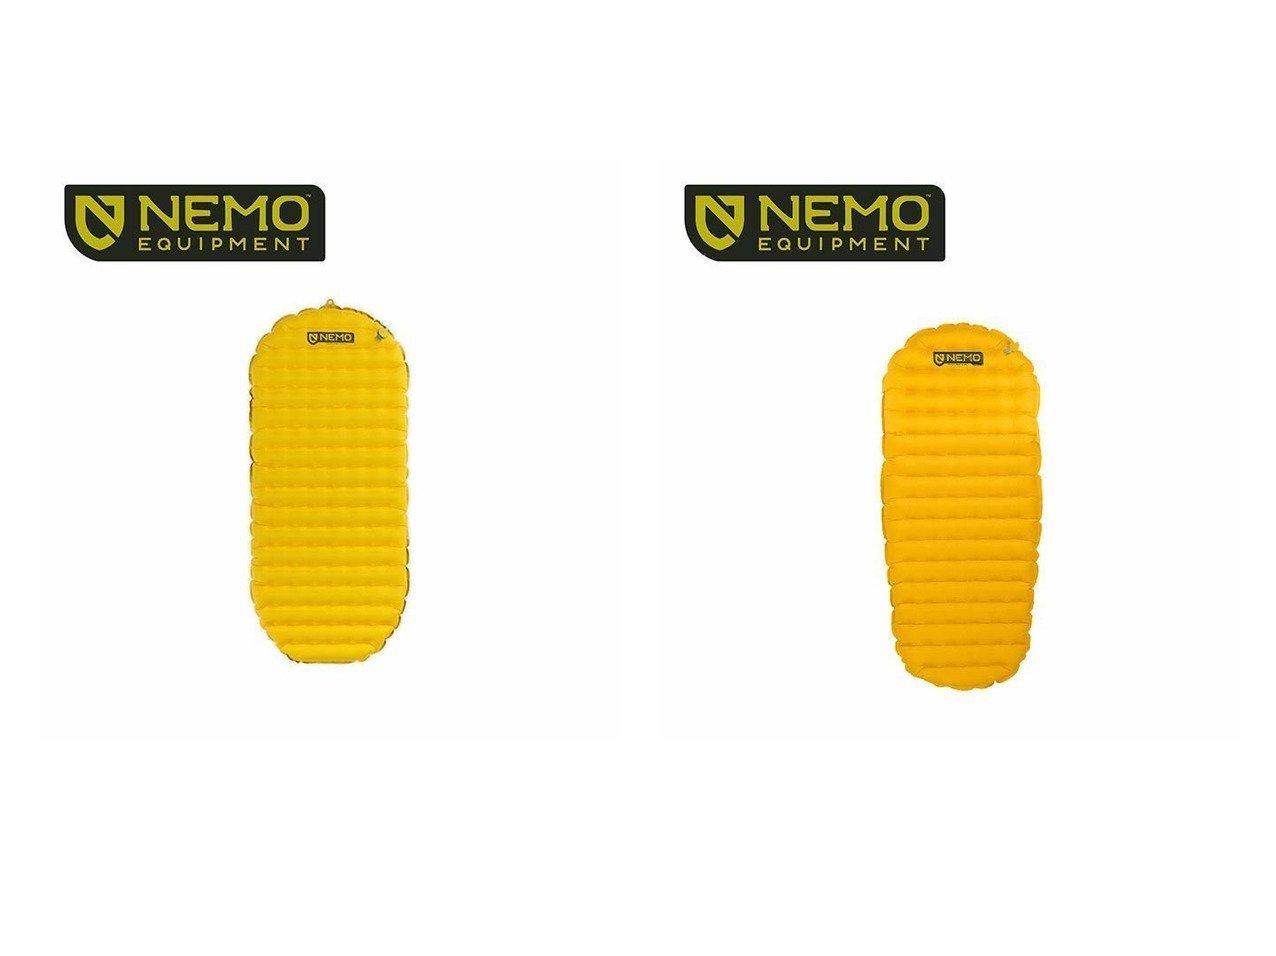 【NEMO Equipment/ニーモイクイップメント】のテンサー ショート マミー&テンサー インシュレーテッド ショート マミー おすすめ!人気キャンプ・アウトドア用品の通販 おすすめファッション通販アイテム インテリア・キッズ・メンズ・レディースファッション・服の通販 founy(ファニー)  ファッション Fashion メンズファッション MEN ショート フレーム |ID:crp329100000037445